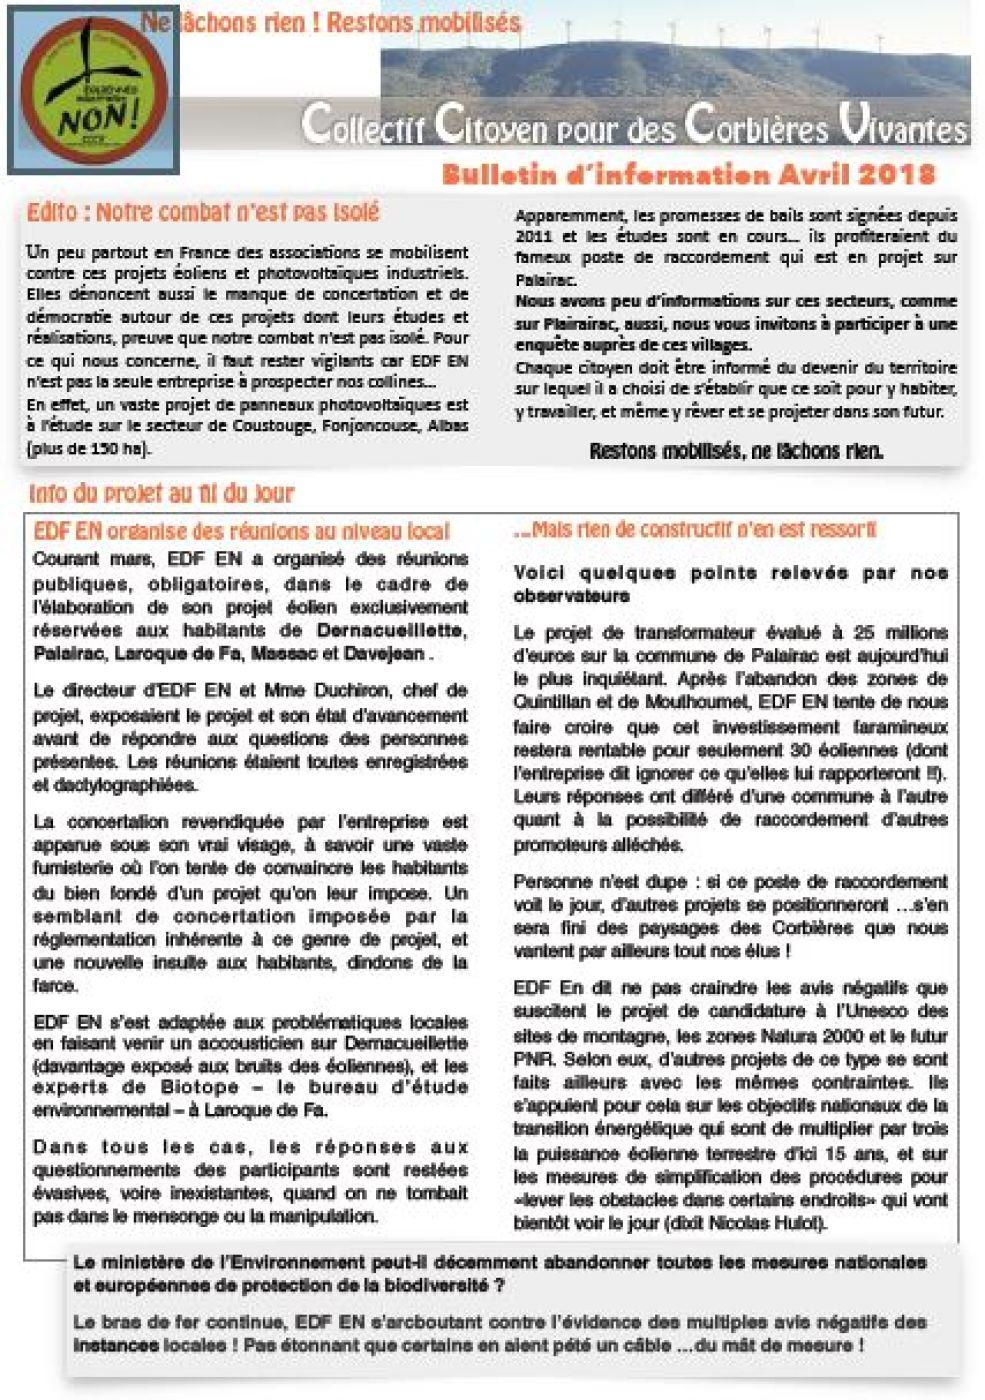 Eoliennes sur les Corbières : une fois de plus la consultation du public laisse à désirer !